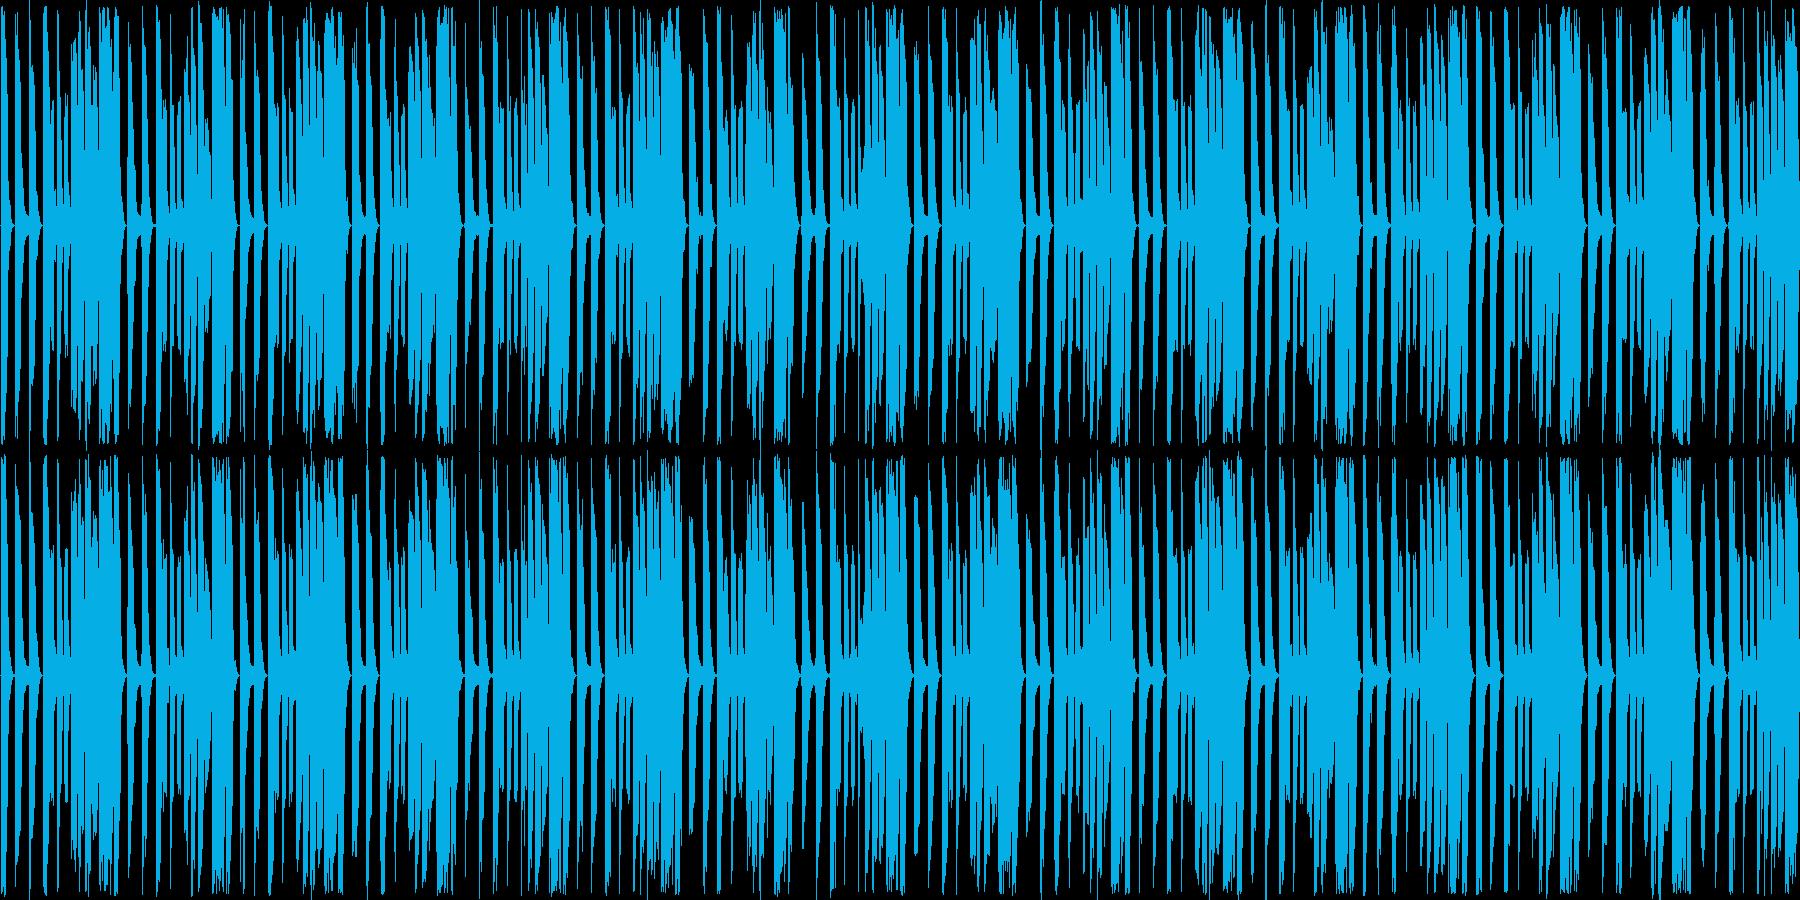 【コミカルなシーンにピッタリなBGM】の再生済みの波形